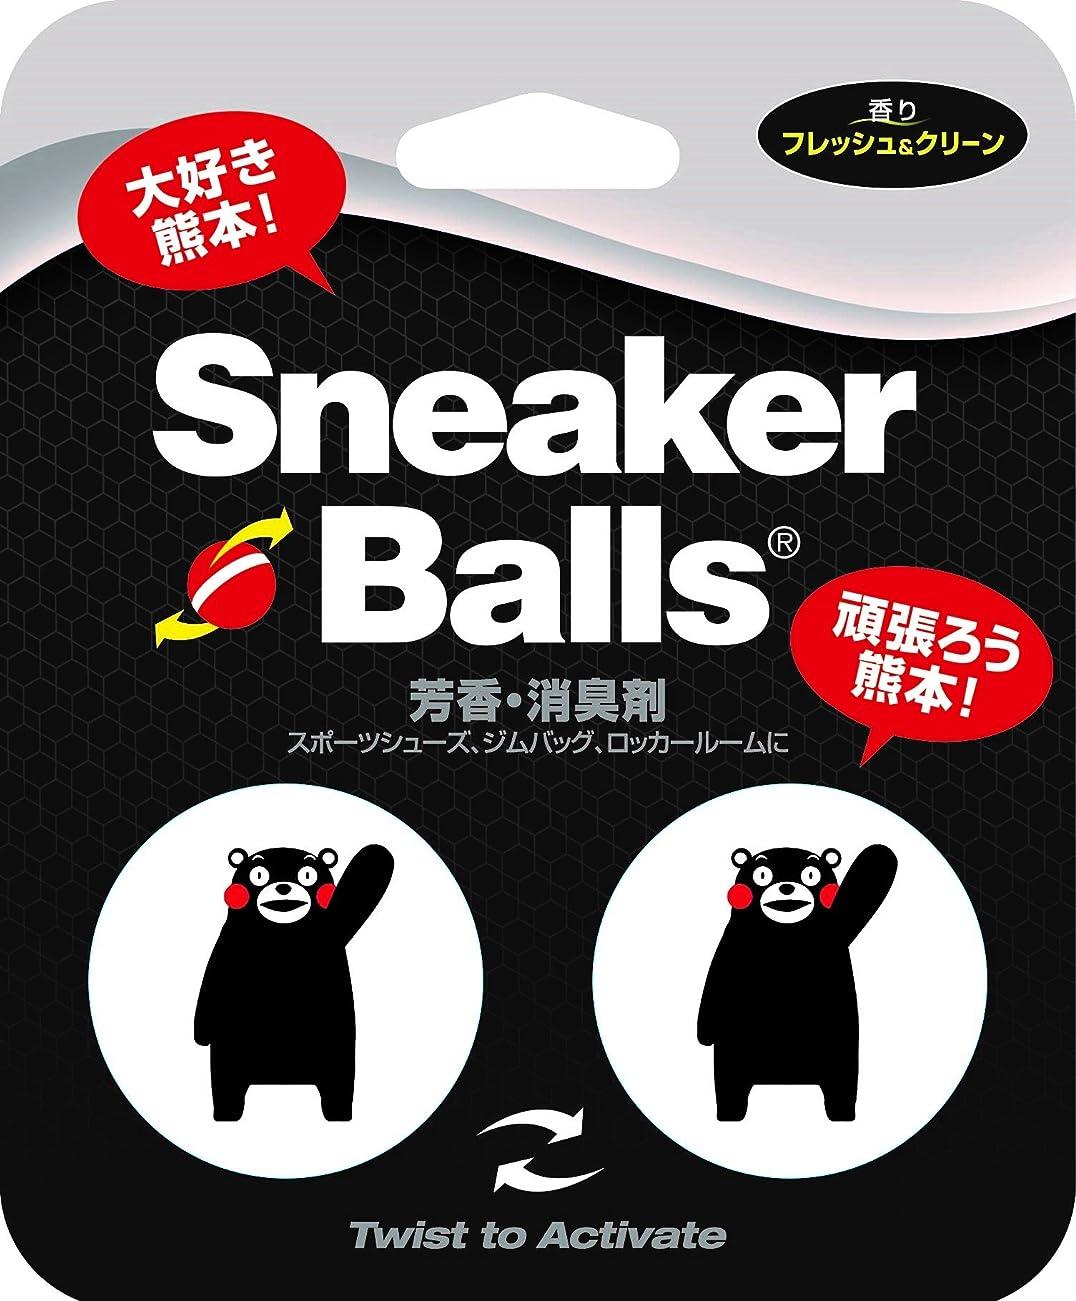 懲戒購入傾向スニーカーボール(Sneaker Balls) 芳香 消臭剤 スニーカーボール くまモン 【2個入 香り フレッシュ&クリーン 約90日持続】 87784